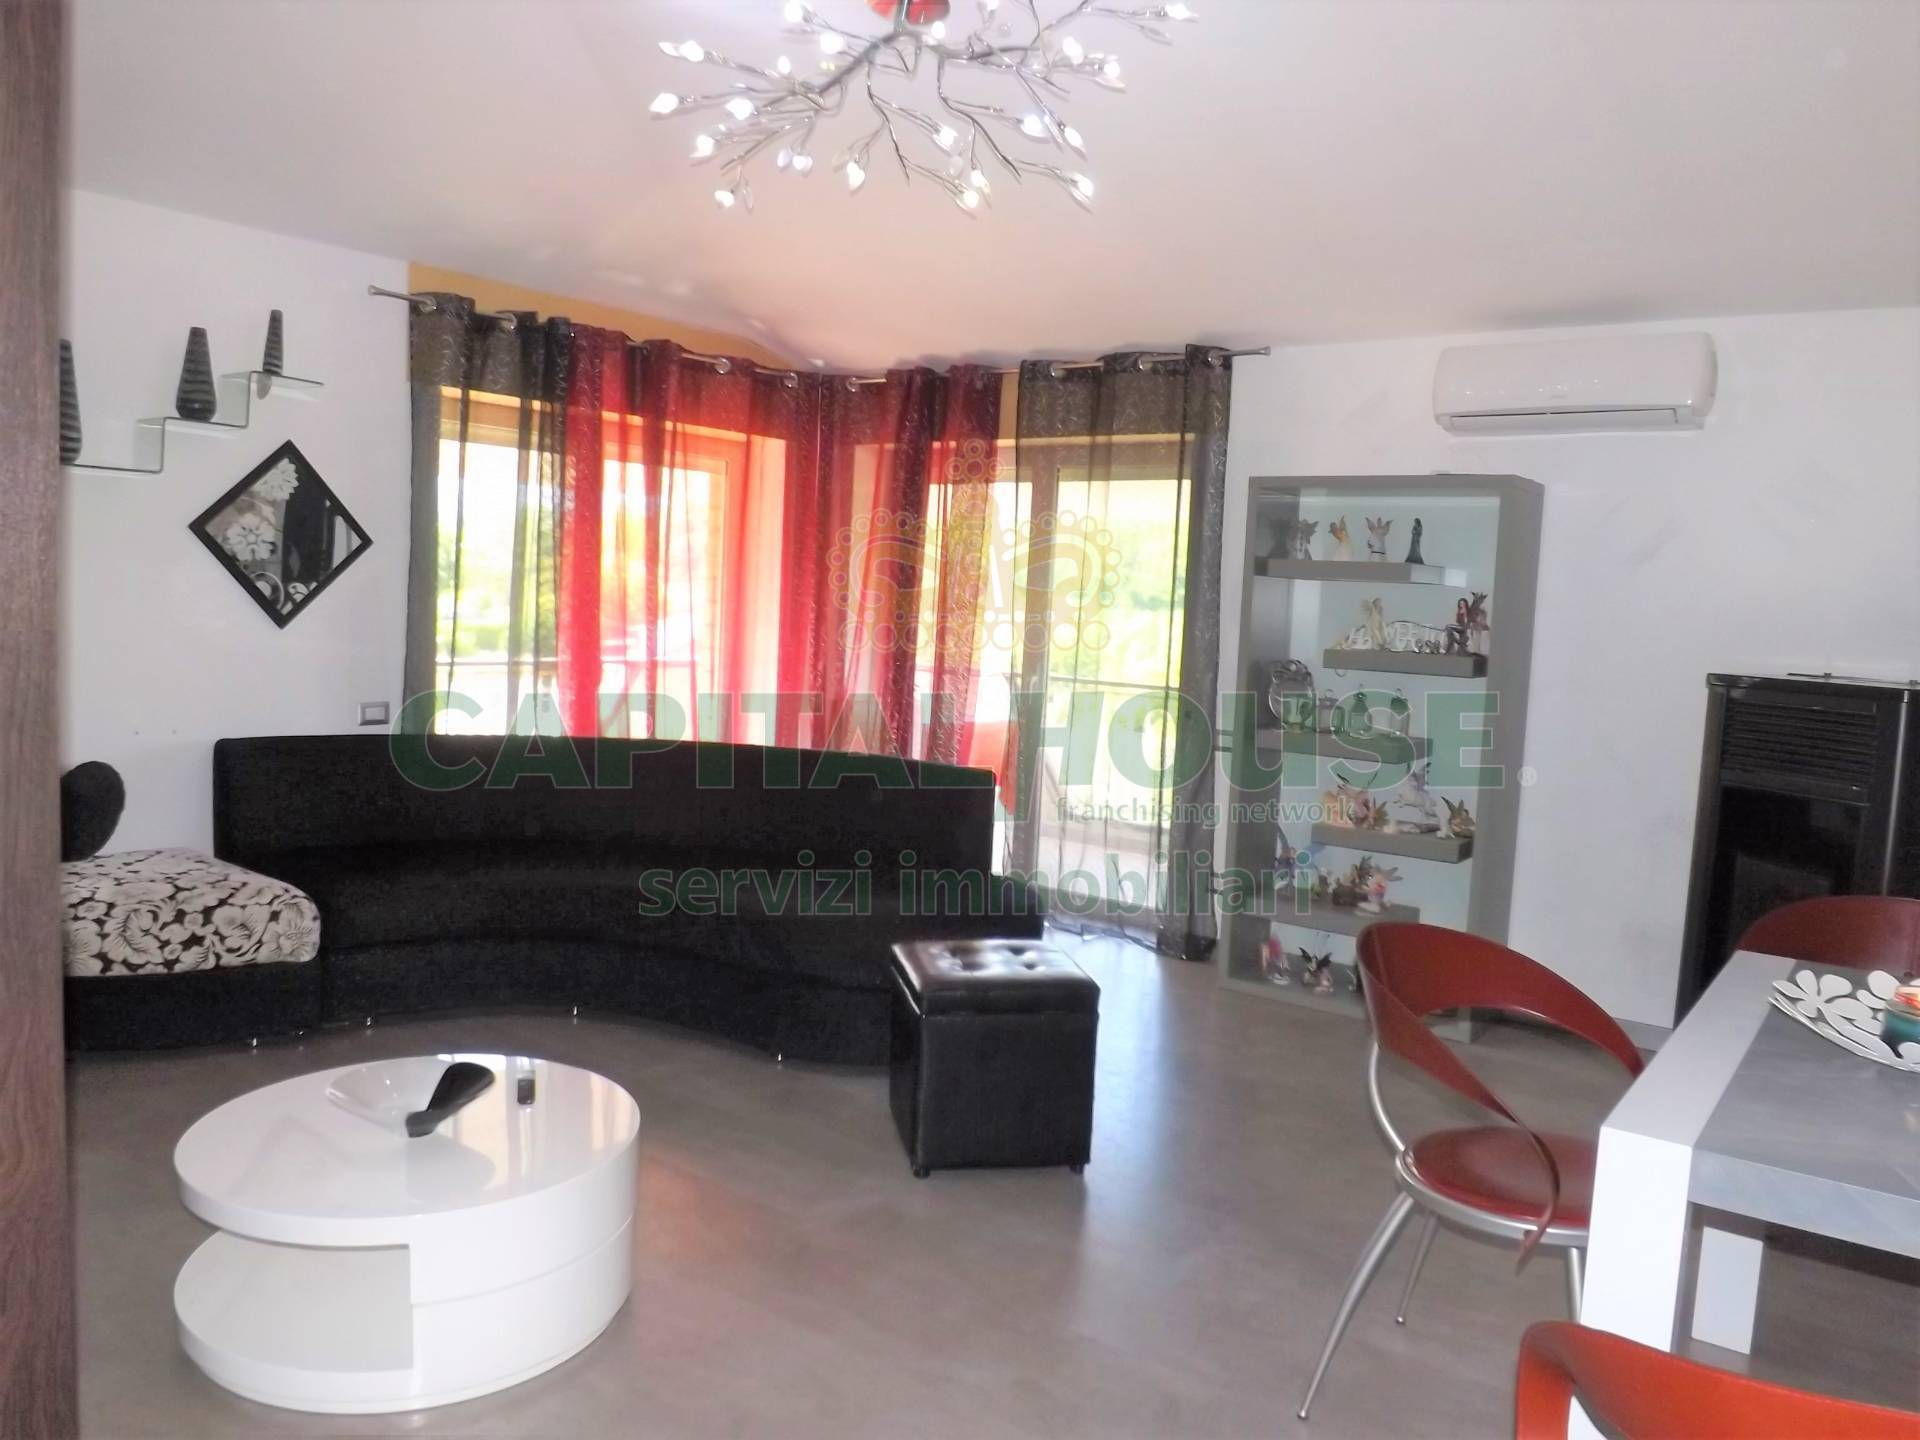 Appartamento in vendita a Atripalda, 4 locali, prezzo € 121.000 | CambioCasa.it